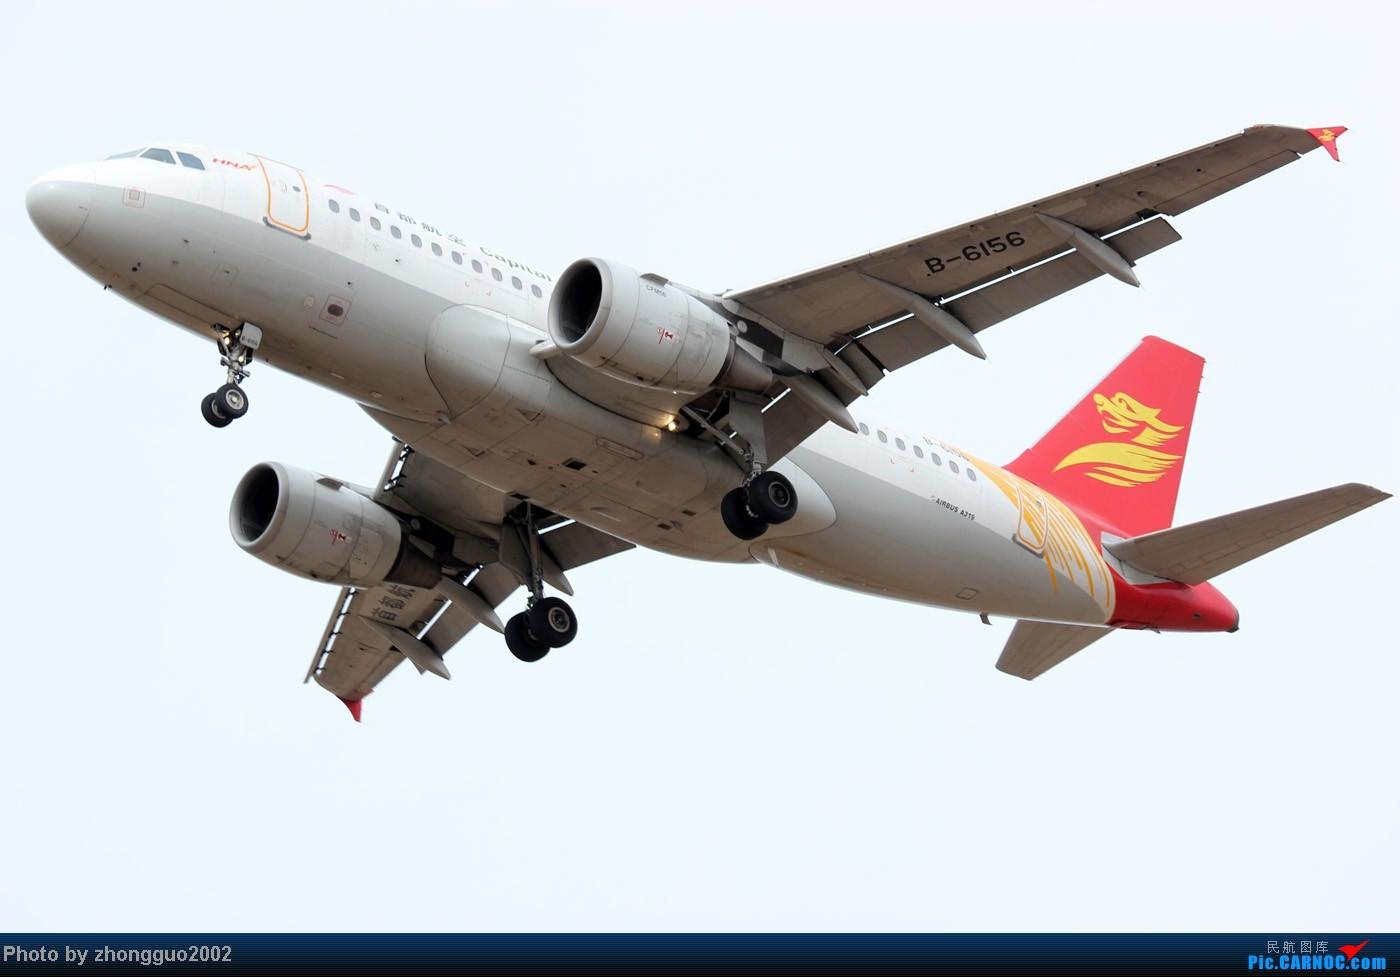 Re:[原创]长荣航空带小翼的321,东航6457小翼319,国航的新机子1947.1945,国航内蒙古号5226,新舟60,以及深圳、首都、西部等航空的飞机。 AIRBUS A319-100 B-6156 中国呼和浩特白塔机场